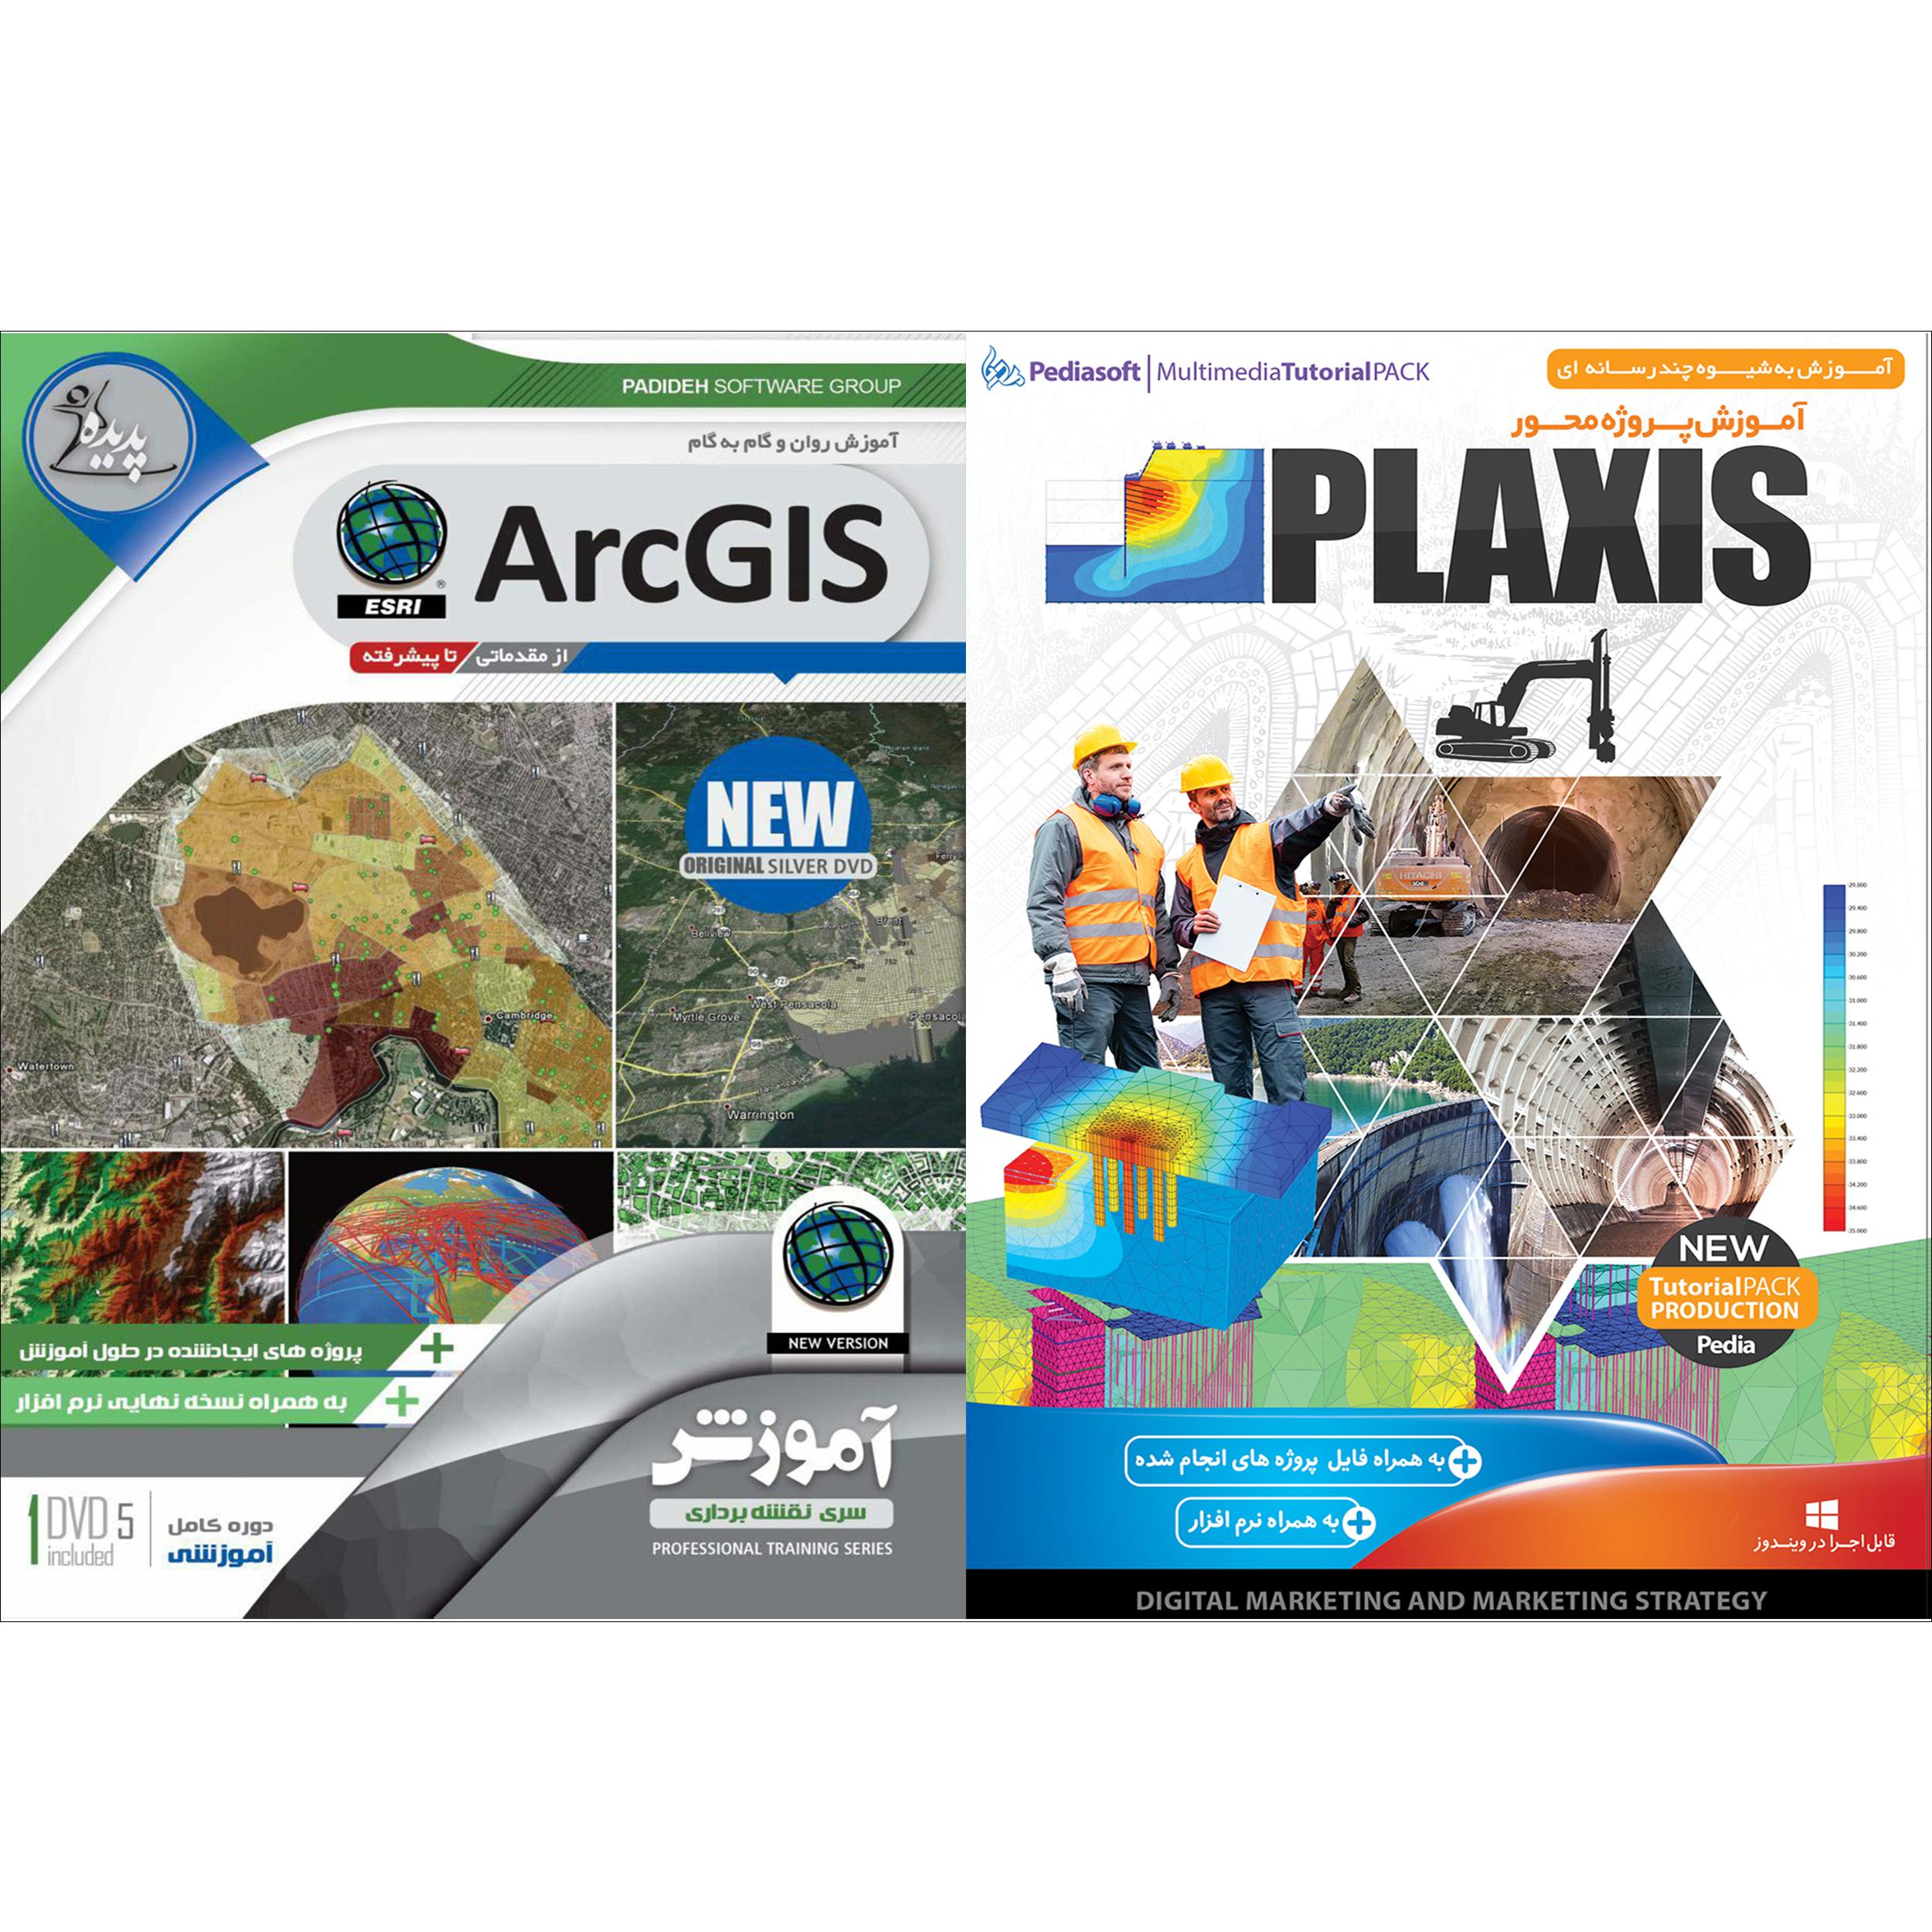 نرم افزار آموزش PLAXIS نشر پدیا سافت به همراه نرم افزار آموزش ARC GIS نشر پدیده